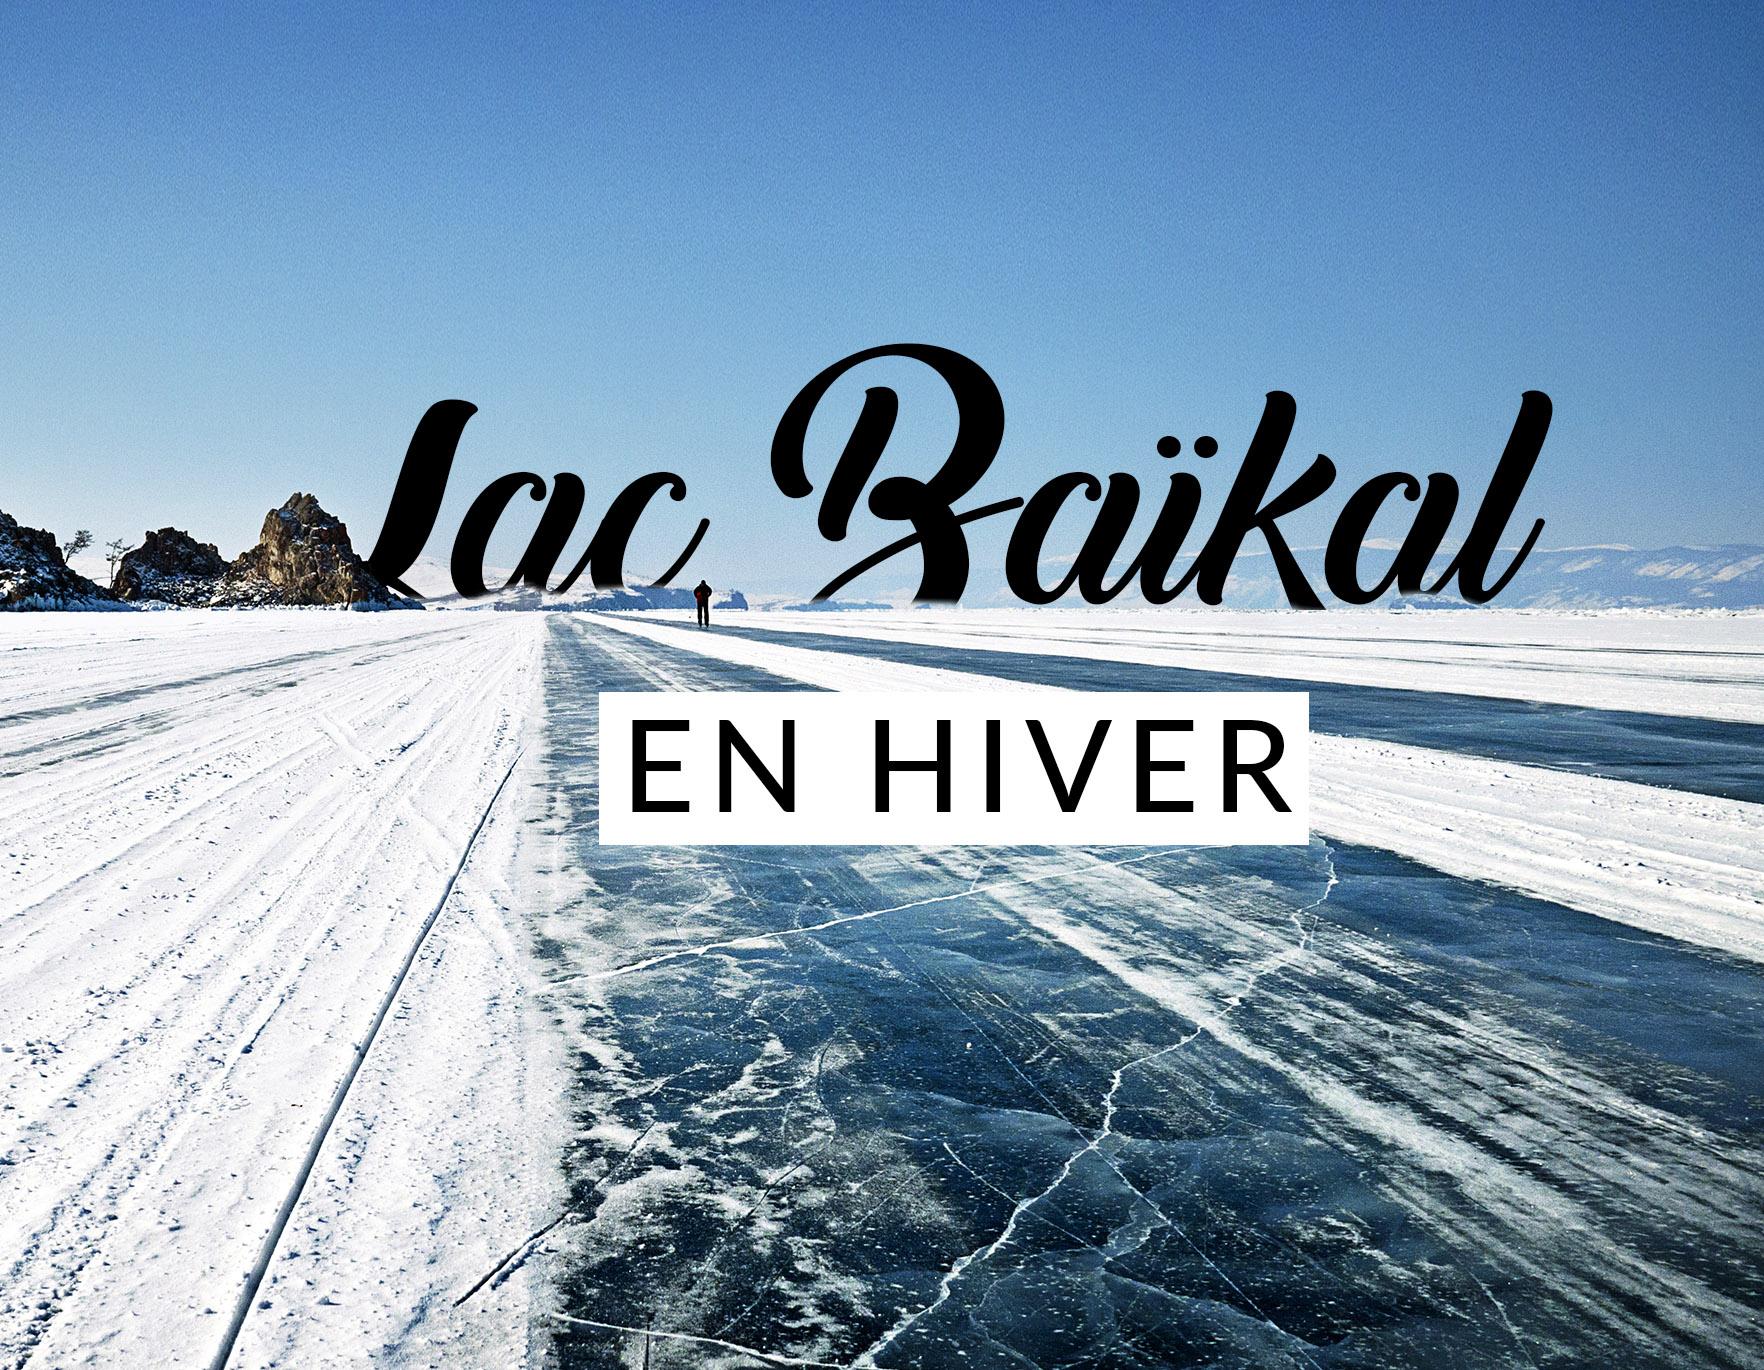 LAC-BAIKAL